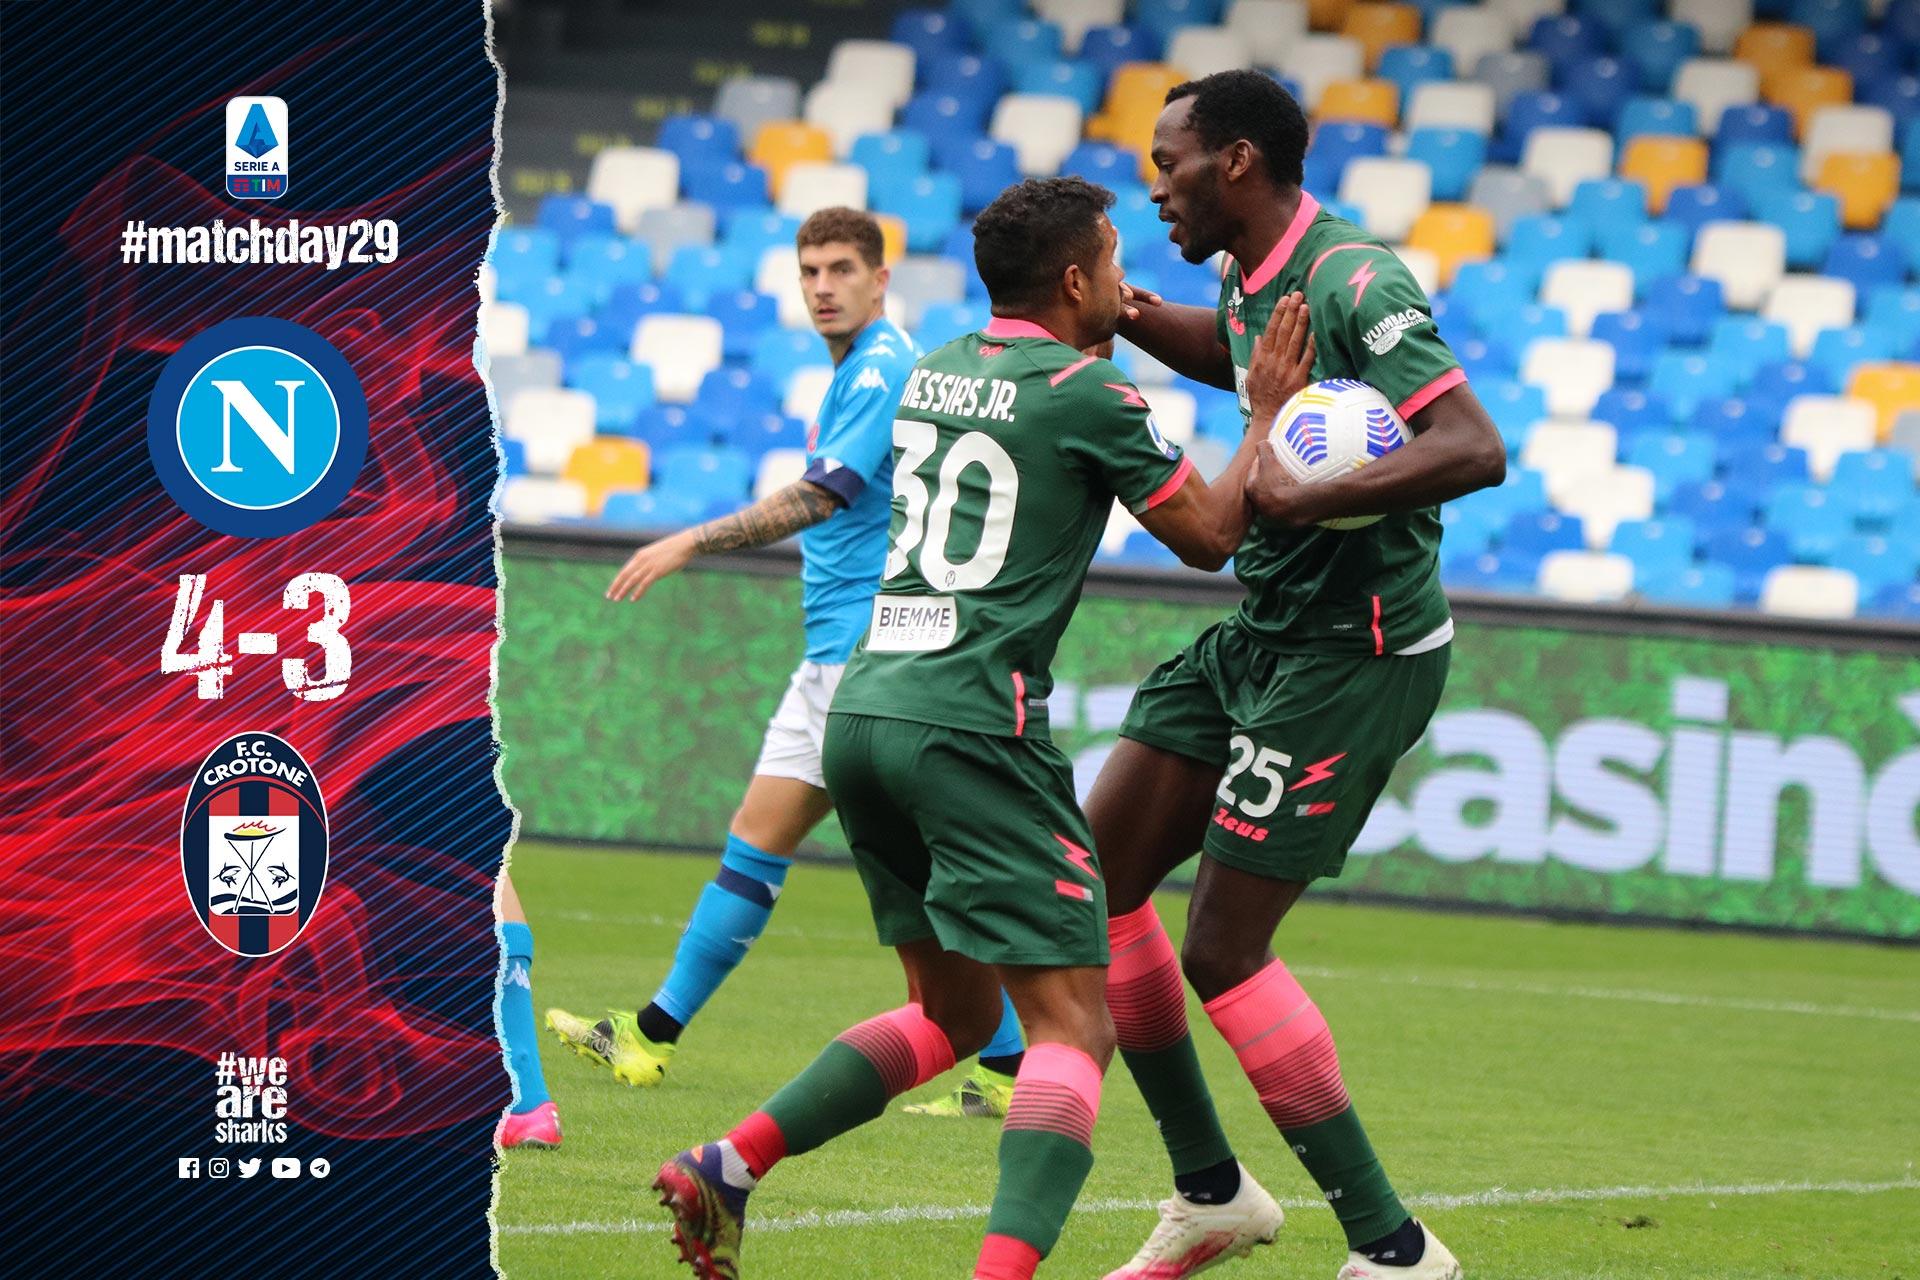 Serie A Tim, 29ª giornata: Napoli-Crotone 4-3